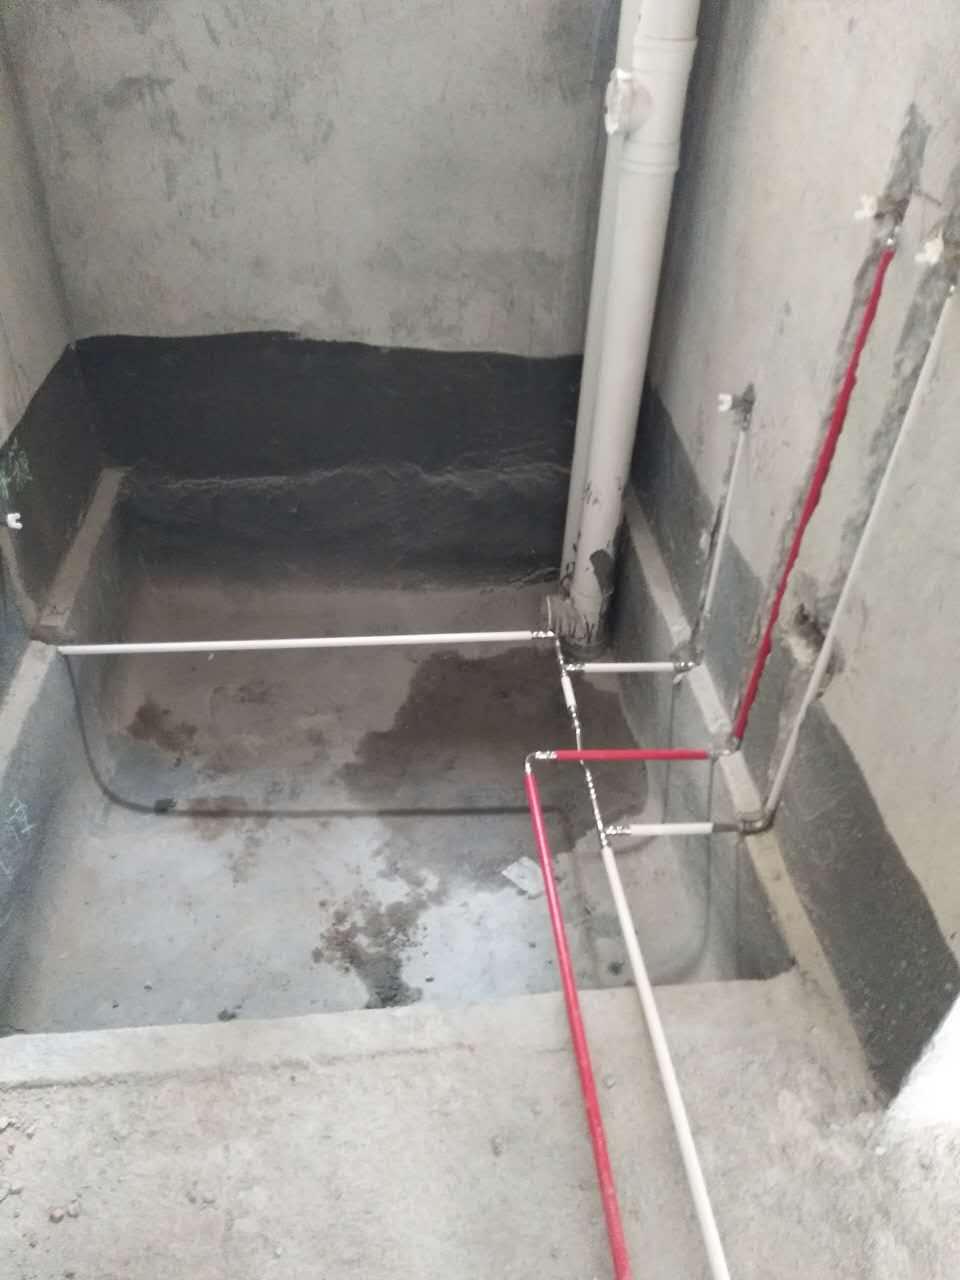 水电安装用不锈钢水管是不是比较好